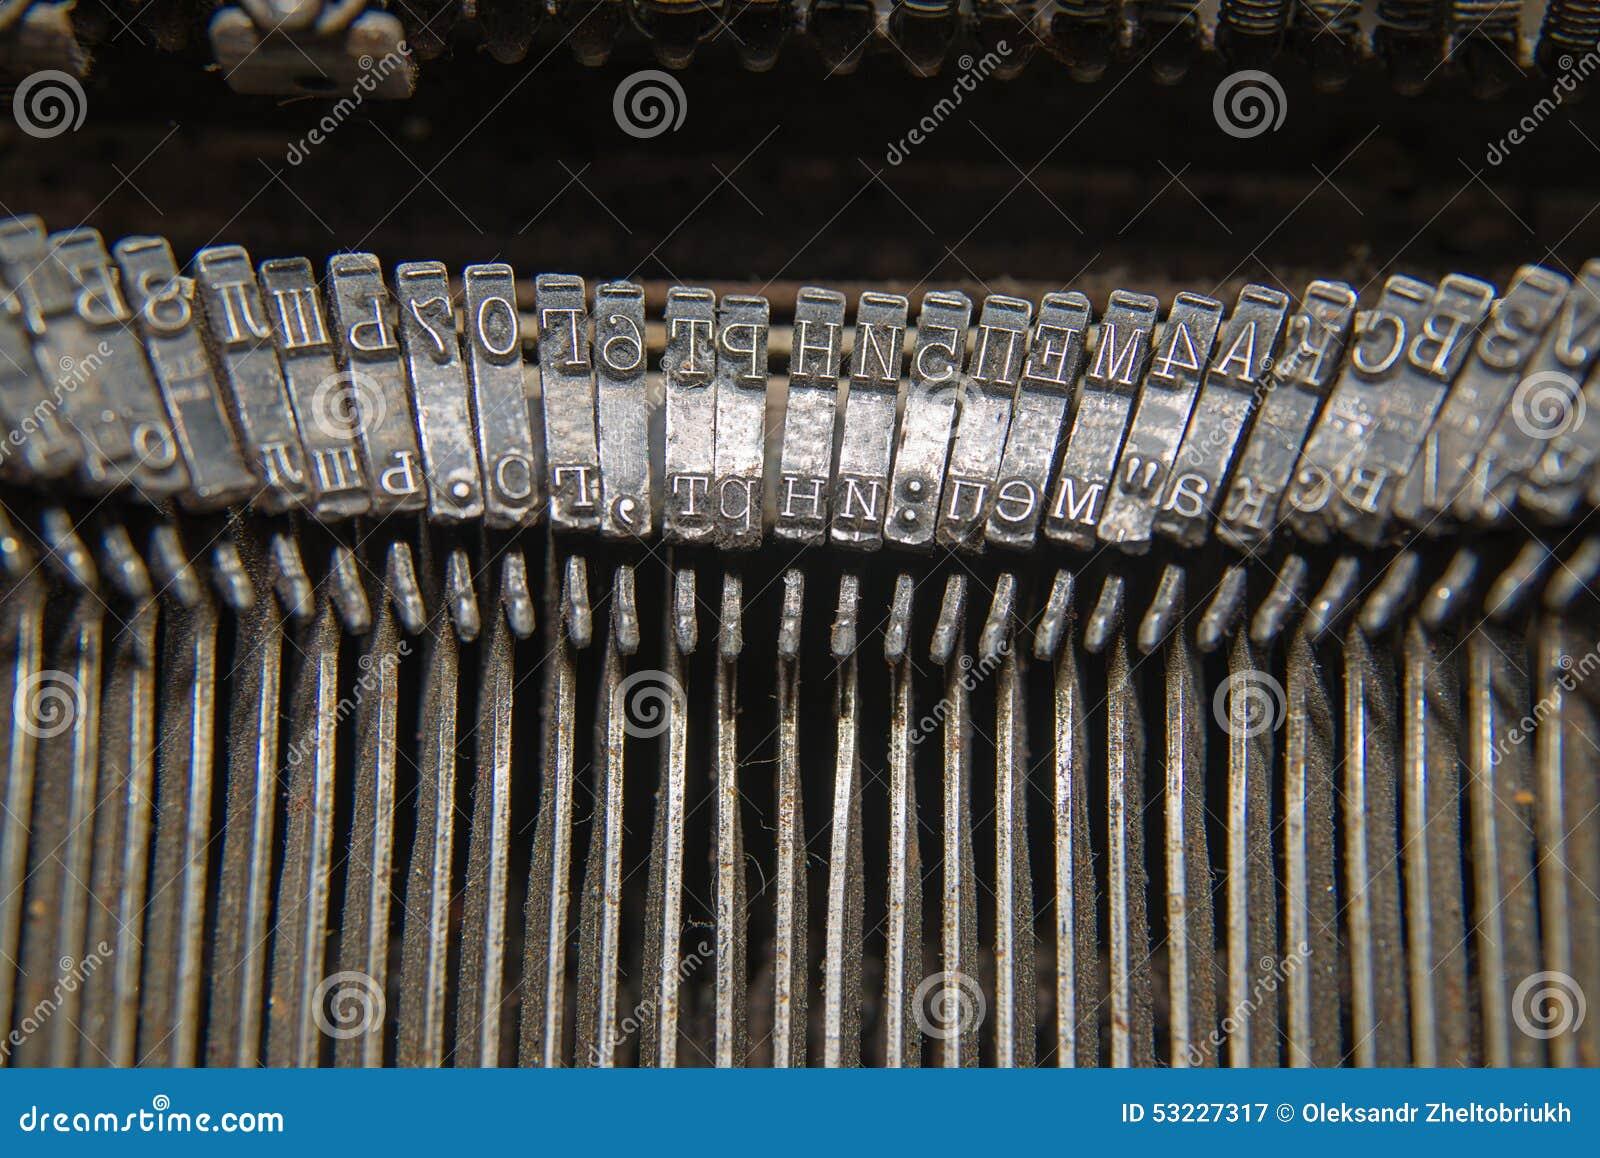 Piezas de metal para imprimir en una máquina de escribir vieja